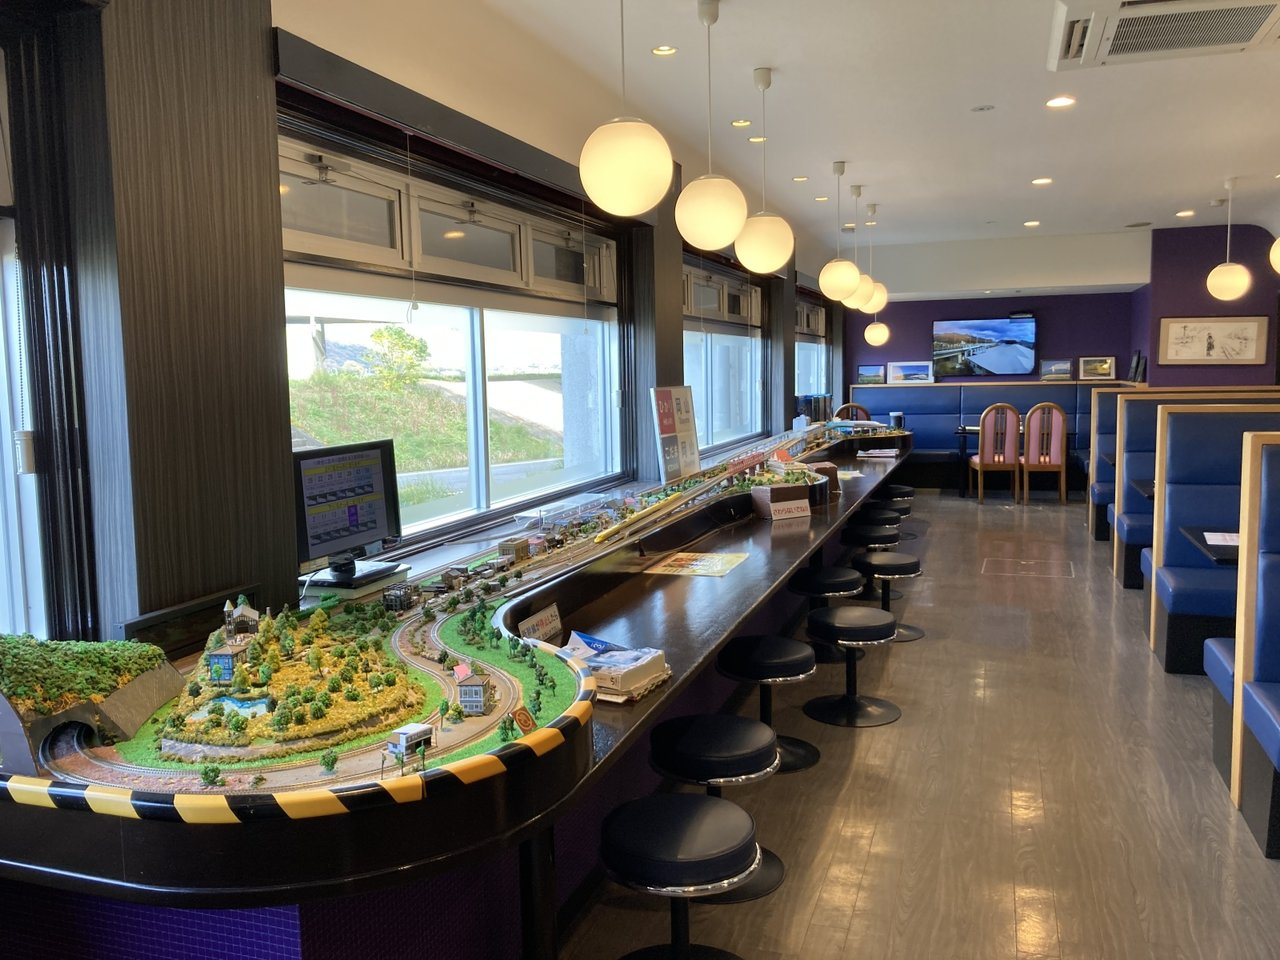 今はなき新幹線食堂車を再現したサービスエリアのレストラン。新幹線を眺めながらの食事は大興奮!